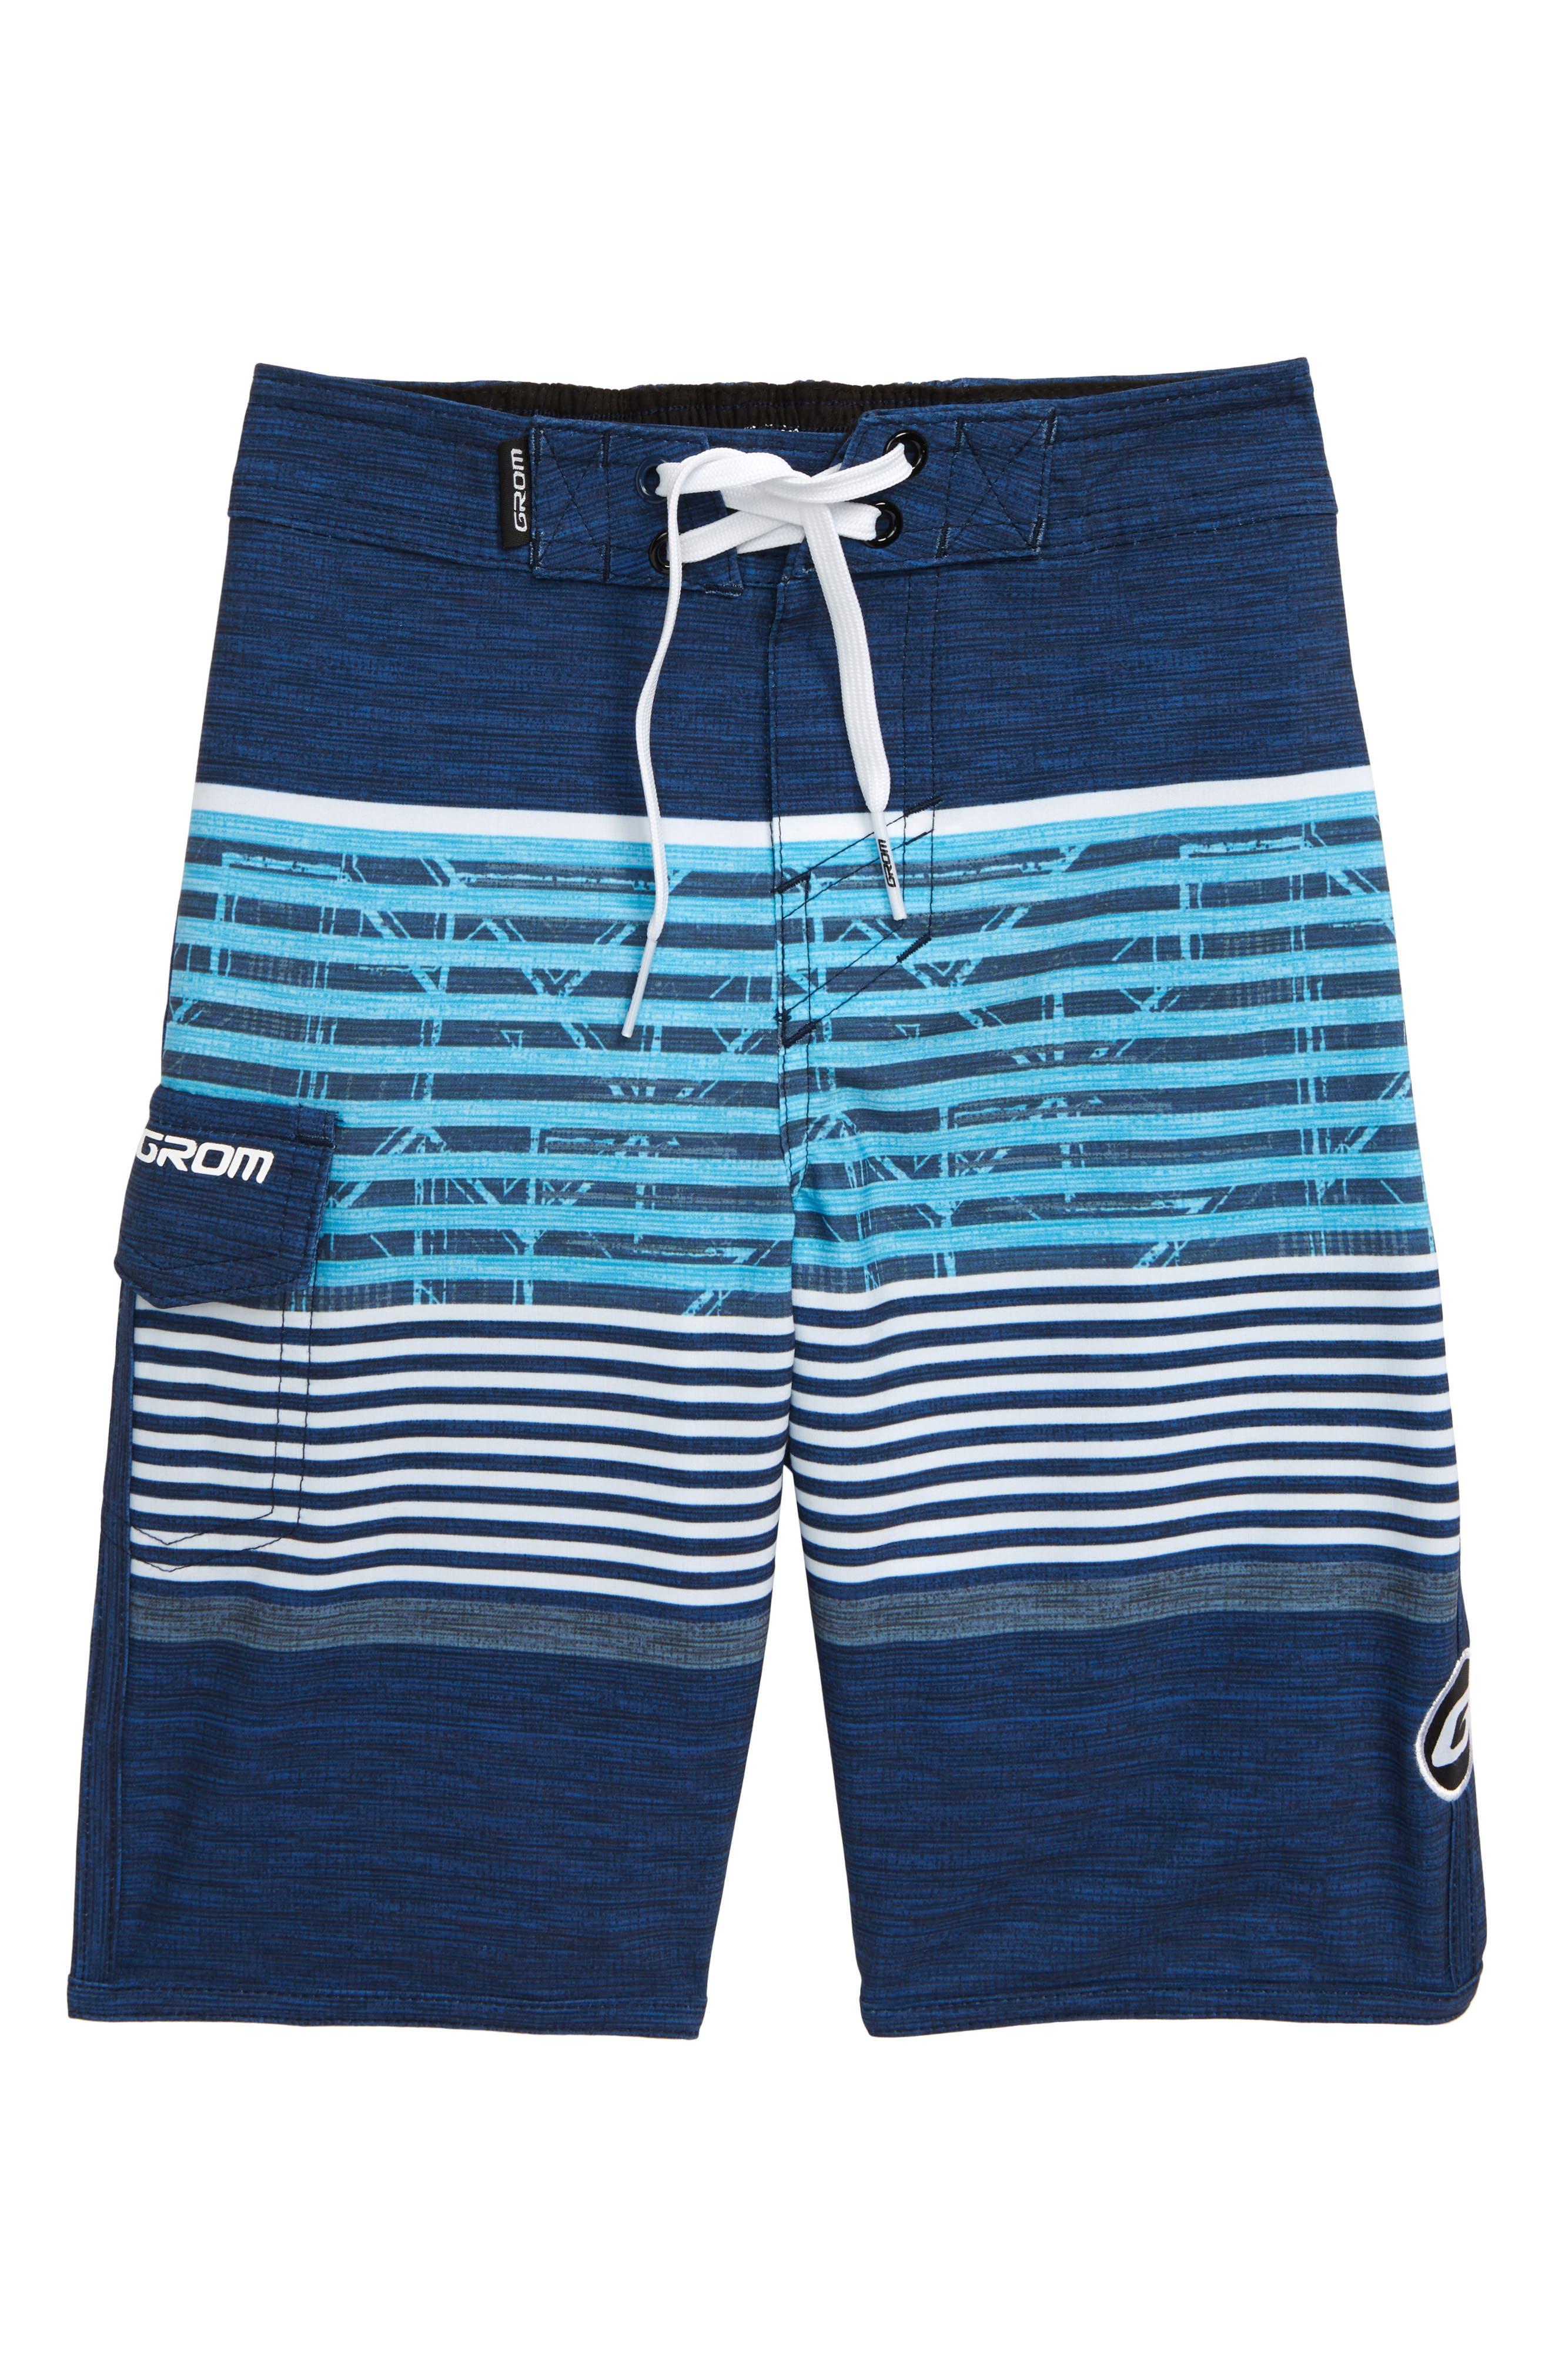 Boys Grom Breaker Board Shorts Size S (67)  Blue